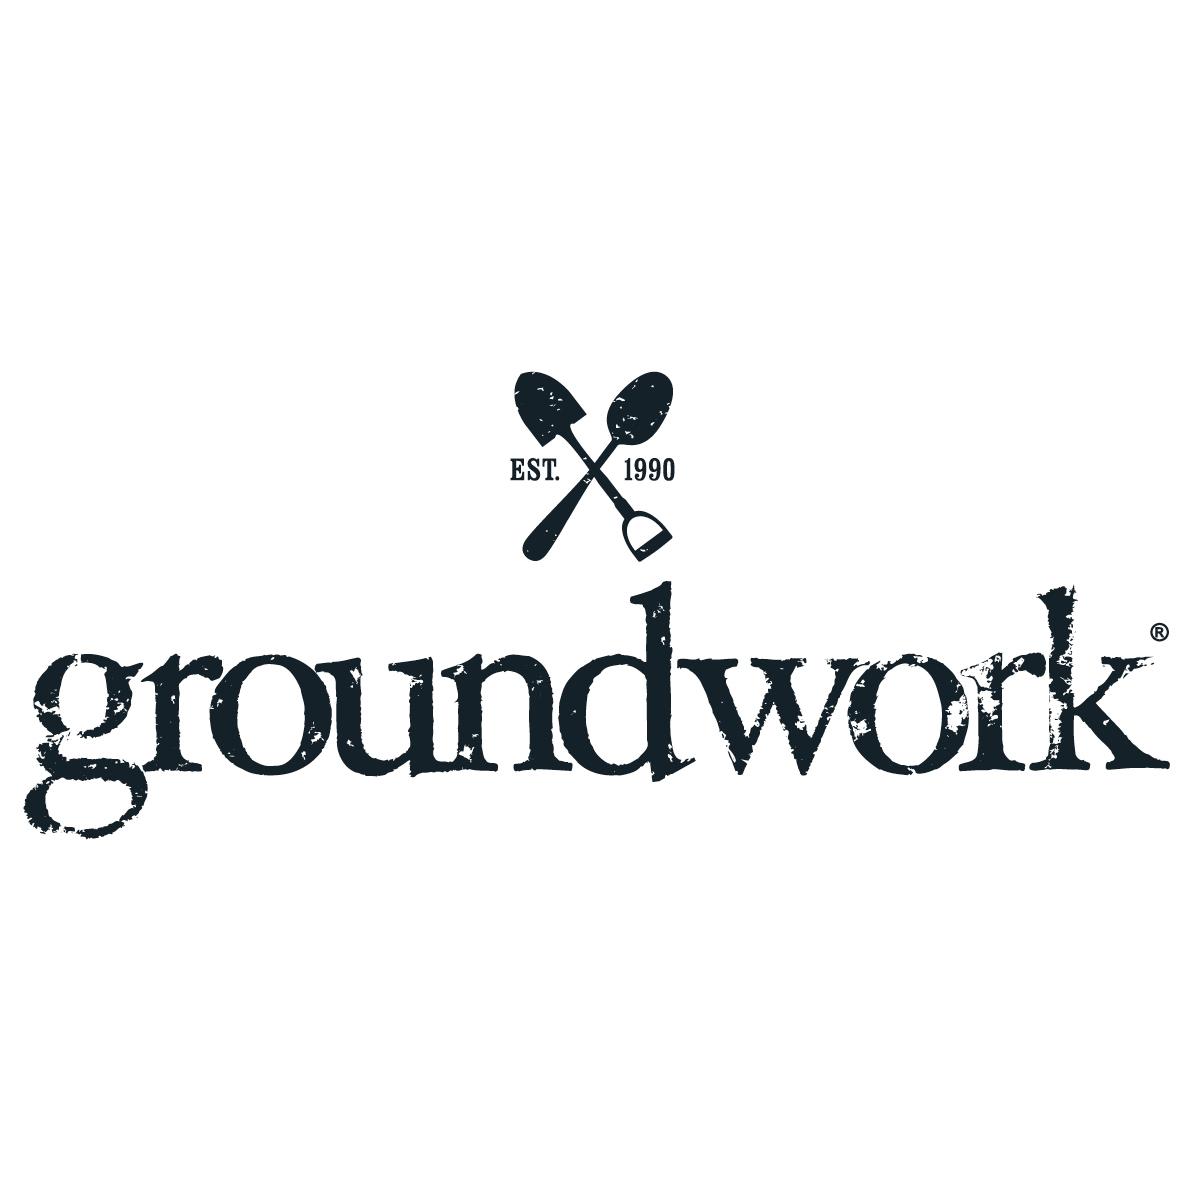 Groundwork .jpg